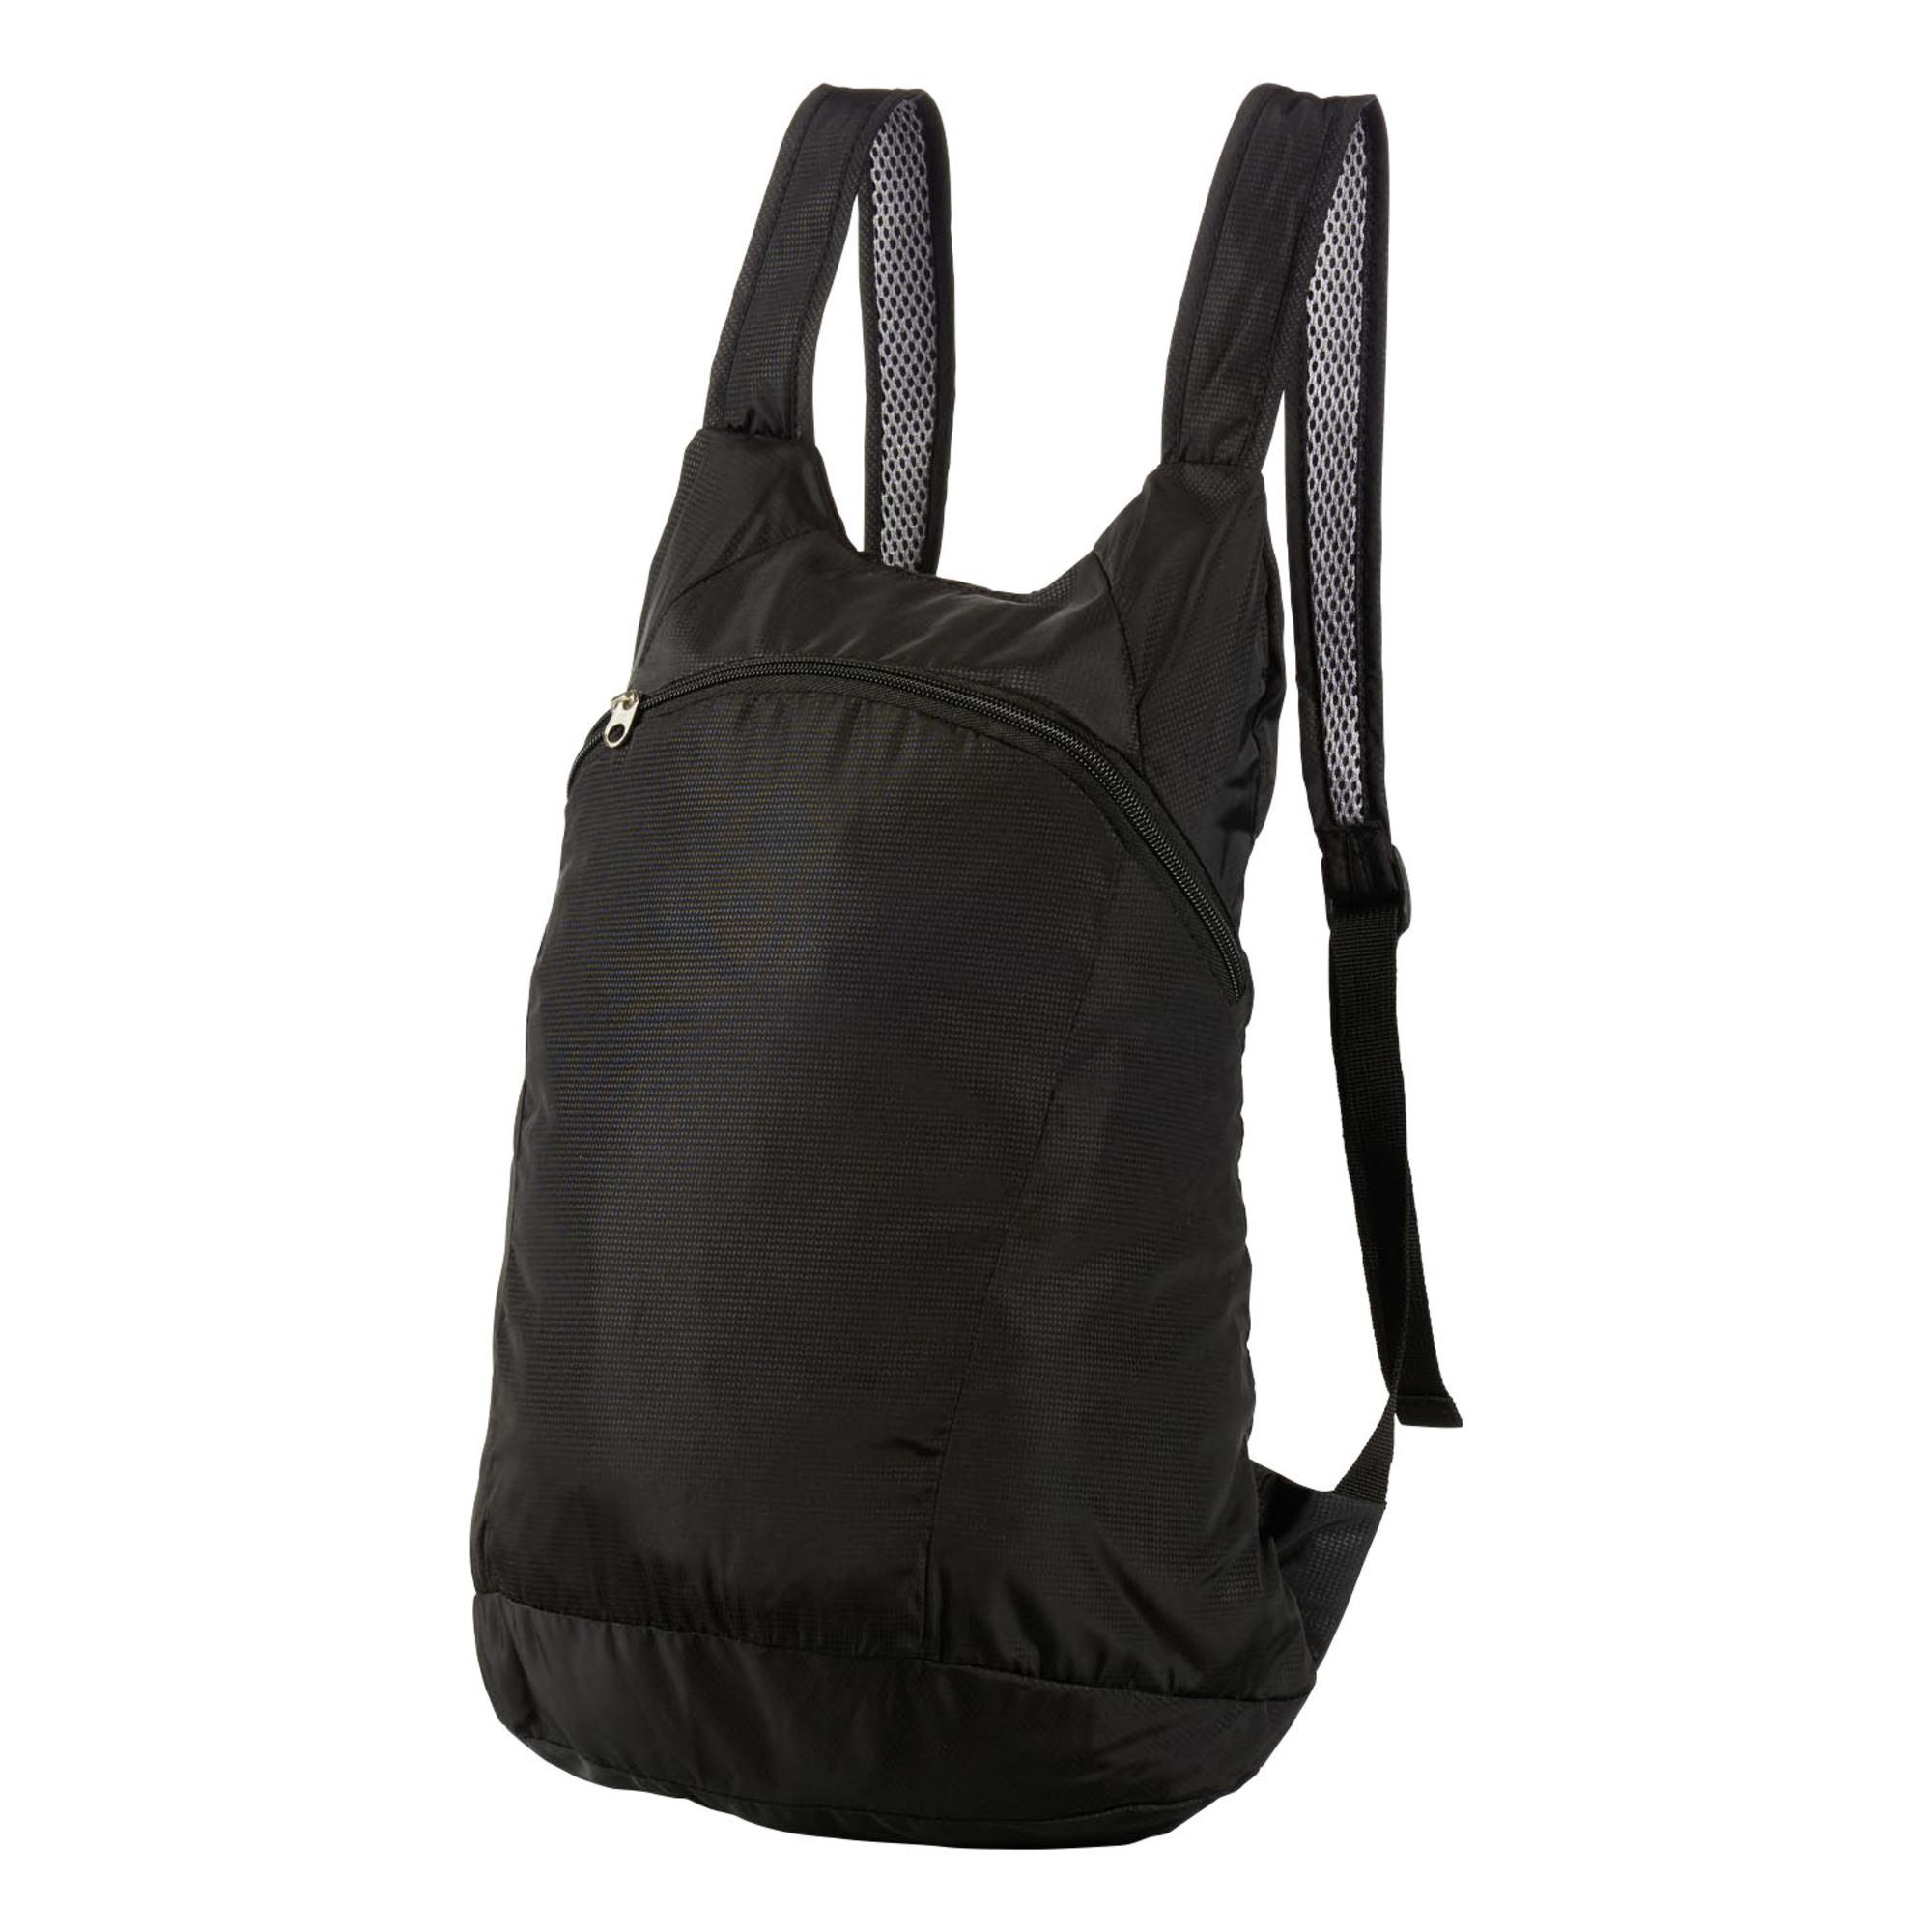 Faltbarer Rucksack, schwarz, Gr. 28 x 42 x 11 cm